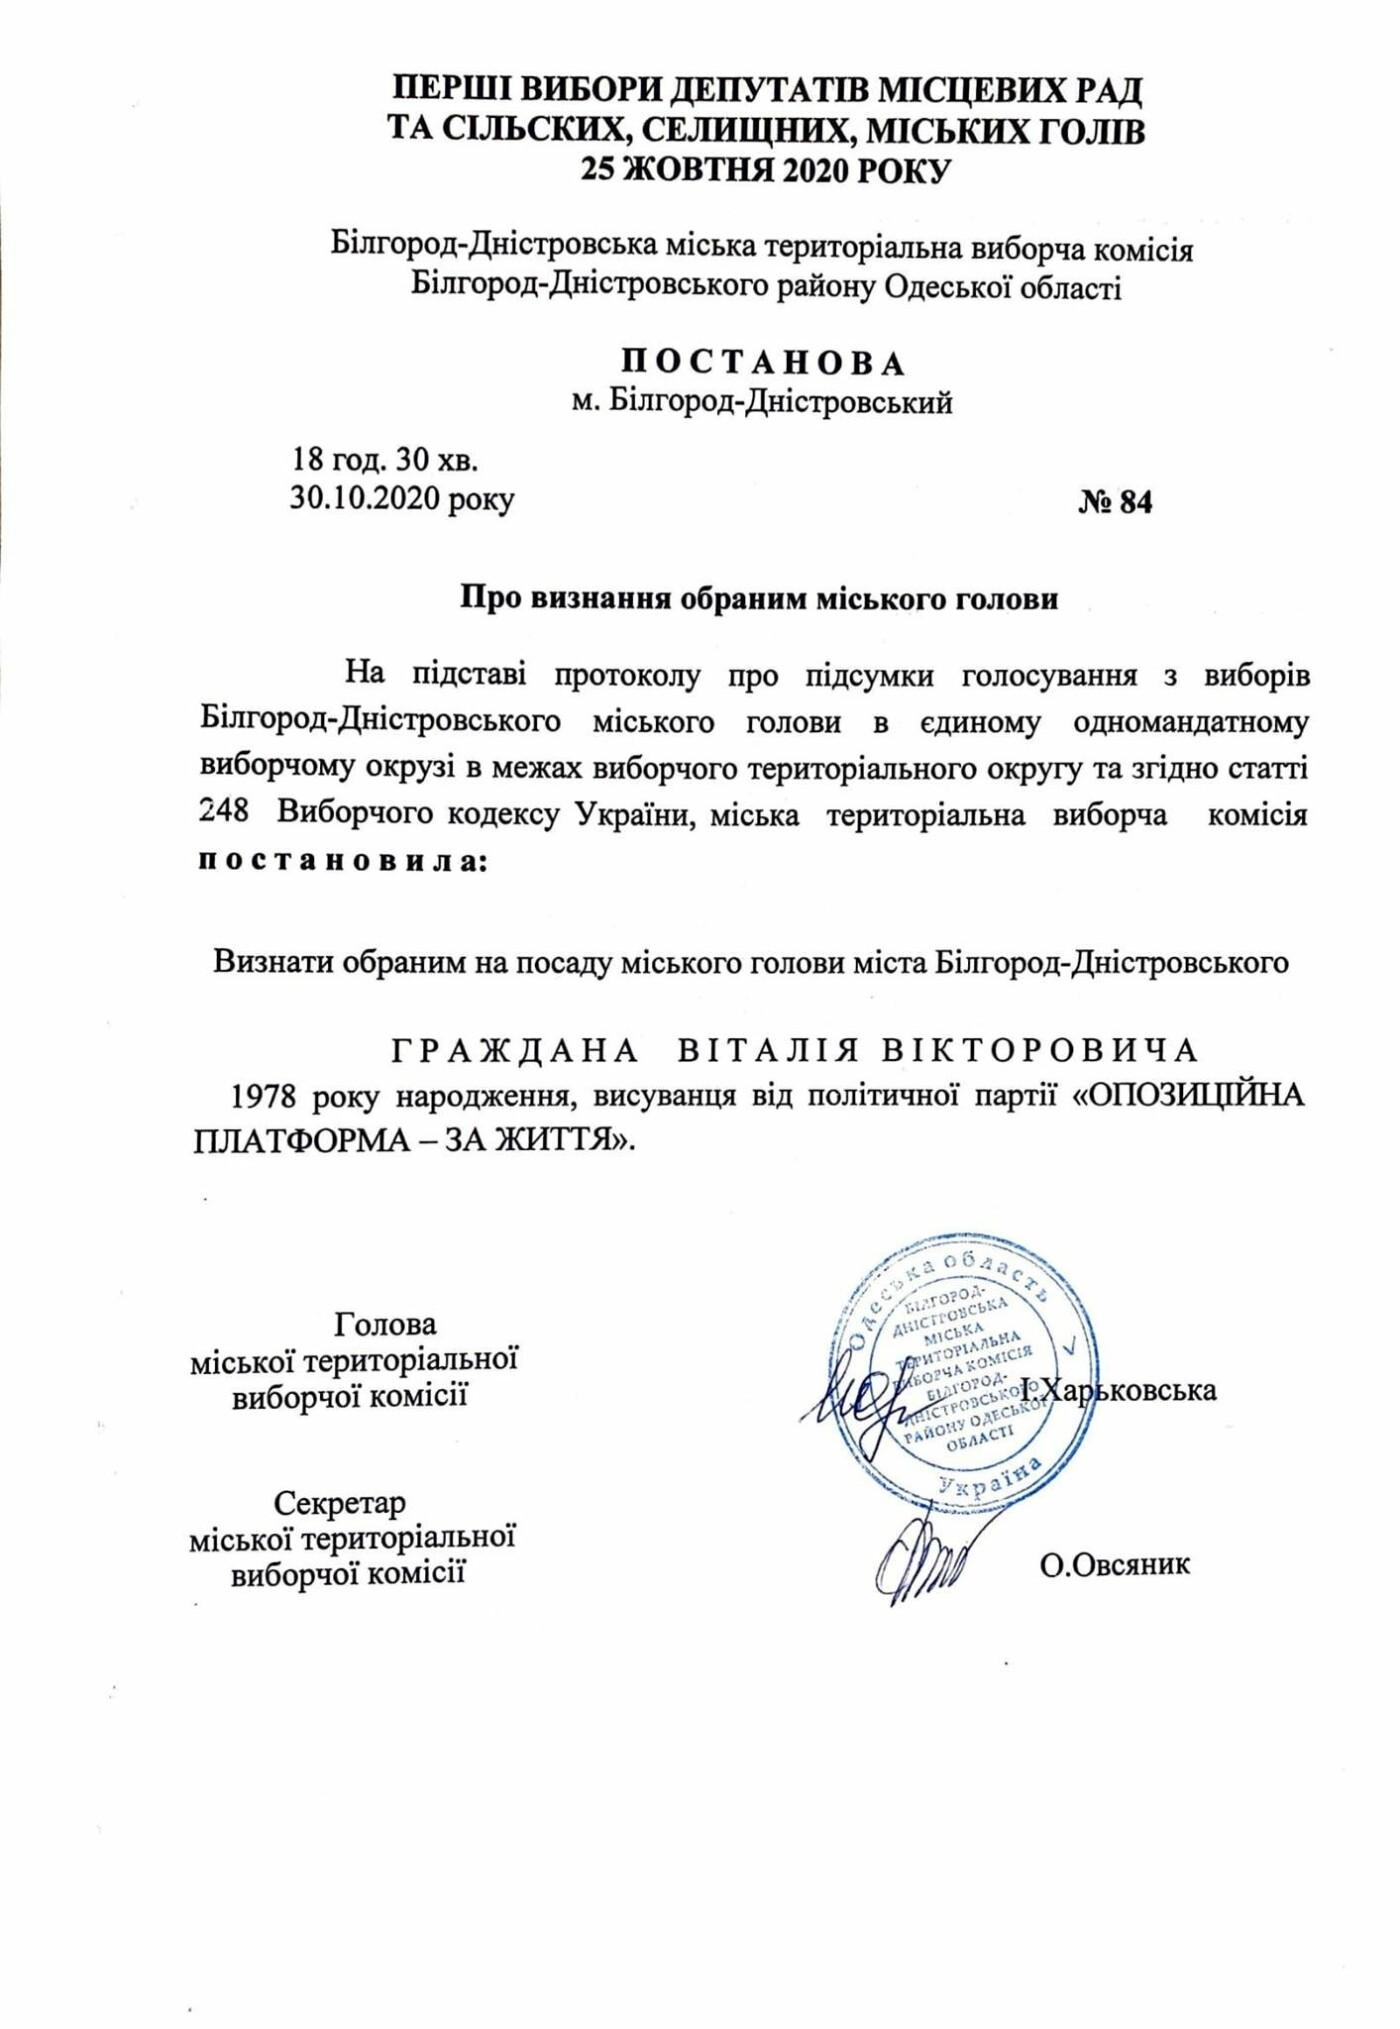 Новоизбранный мэр Белгород-Днестровского заболел коронавирусом, - ФОТО, фото-1